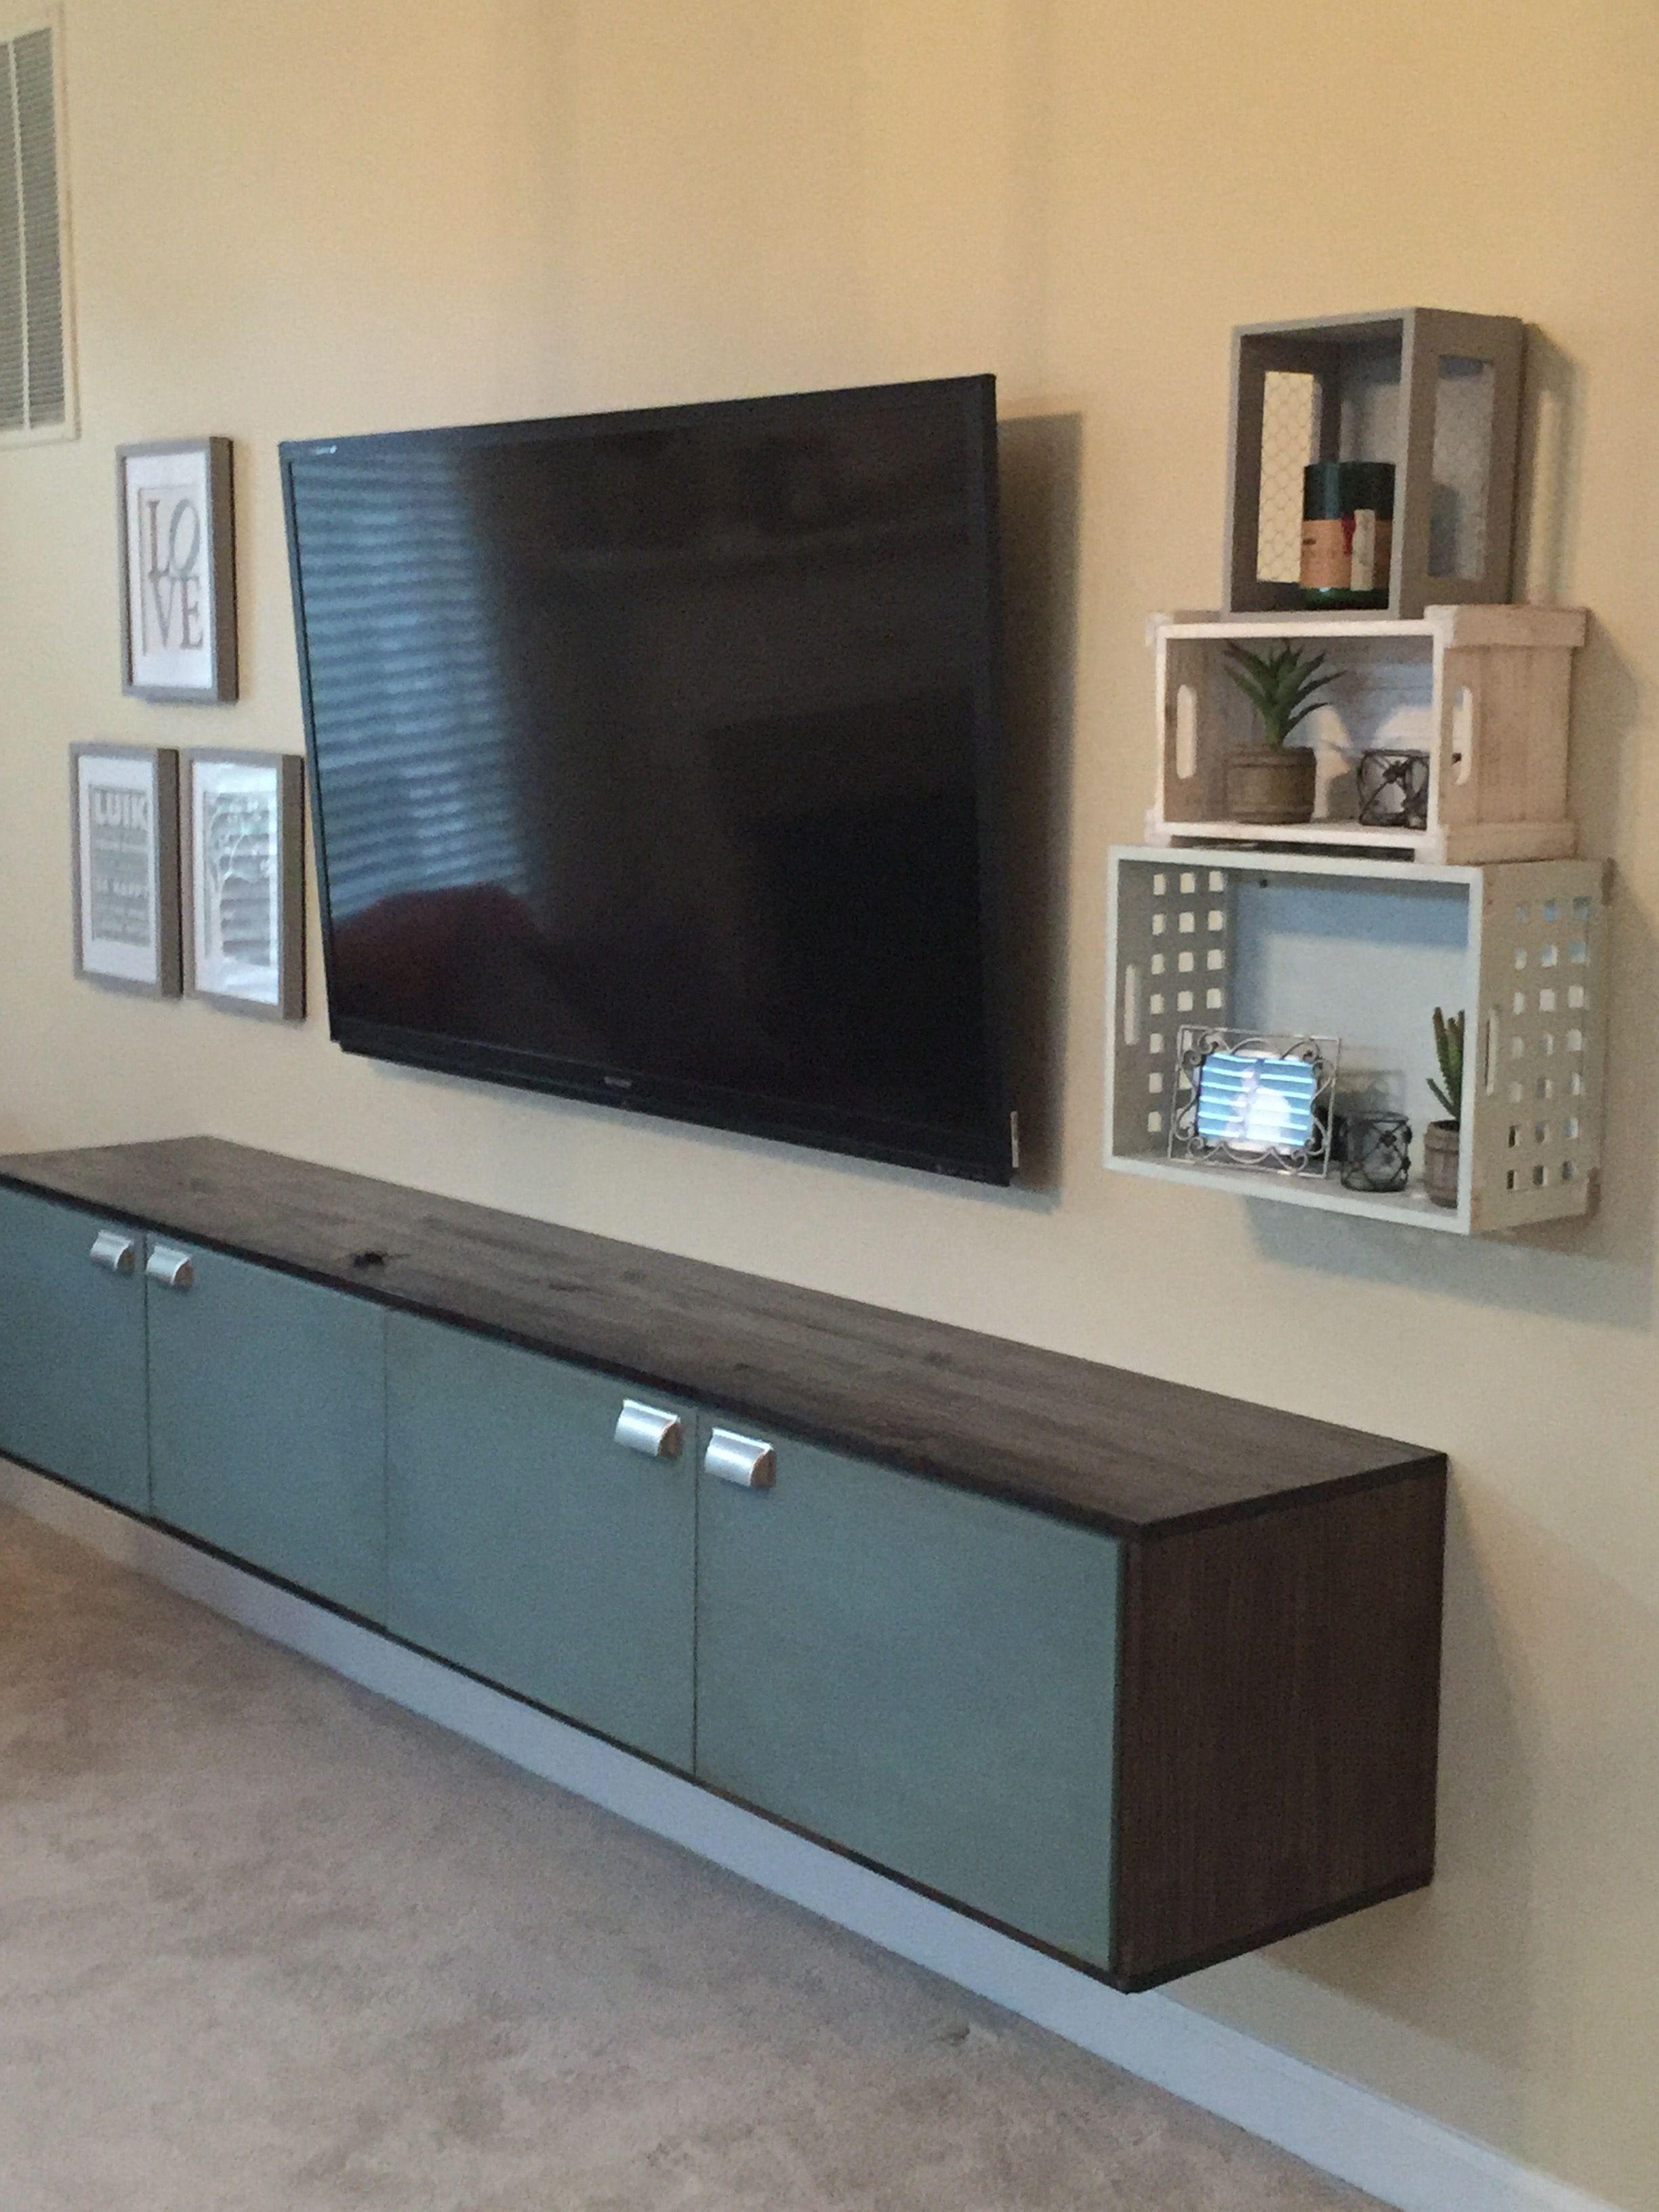 ikea besta hack. tv console diy. 2 x 47.5 inch tv cabinets. doors